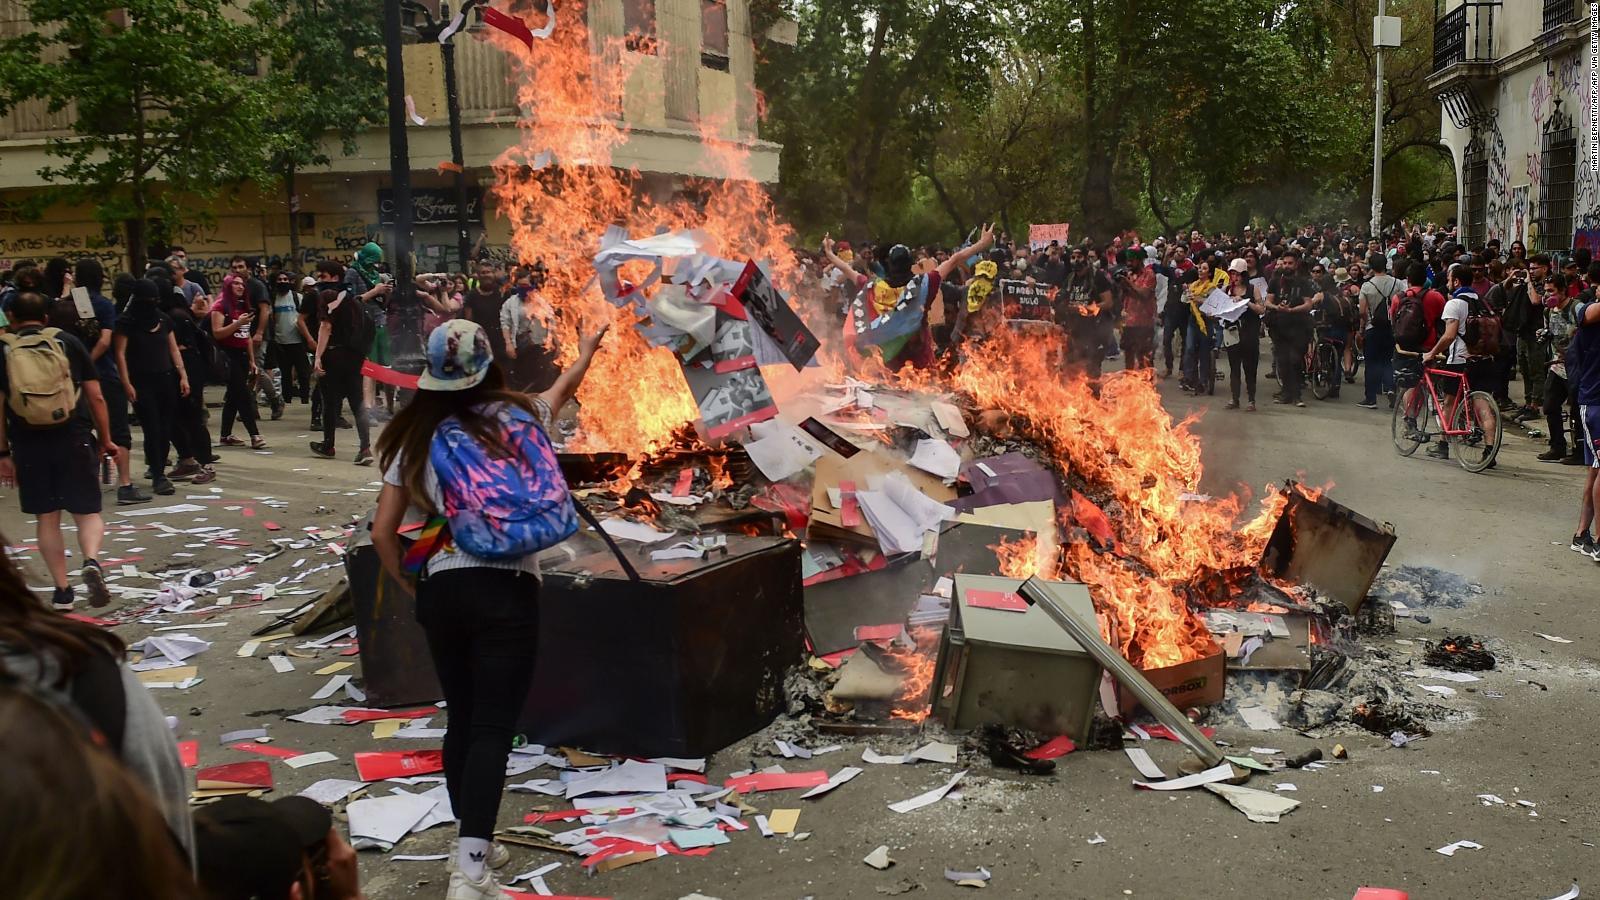 Las Protestas En Chile Desde Adentro Asi Se Vive Una De Las Marchas Mas Concurridas Video Cnn